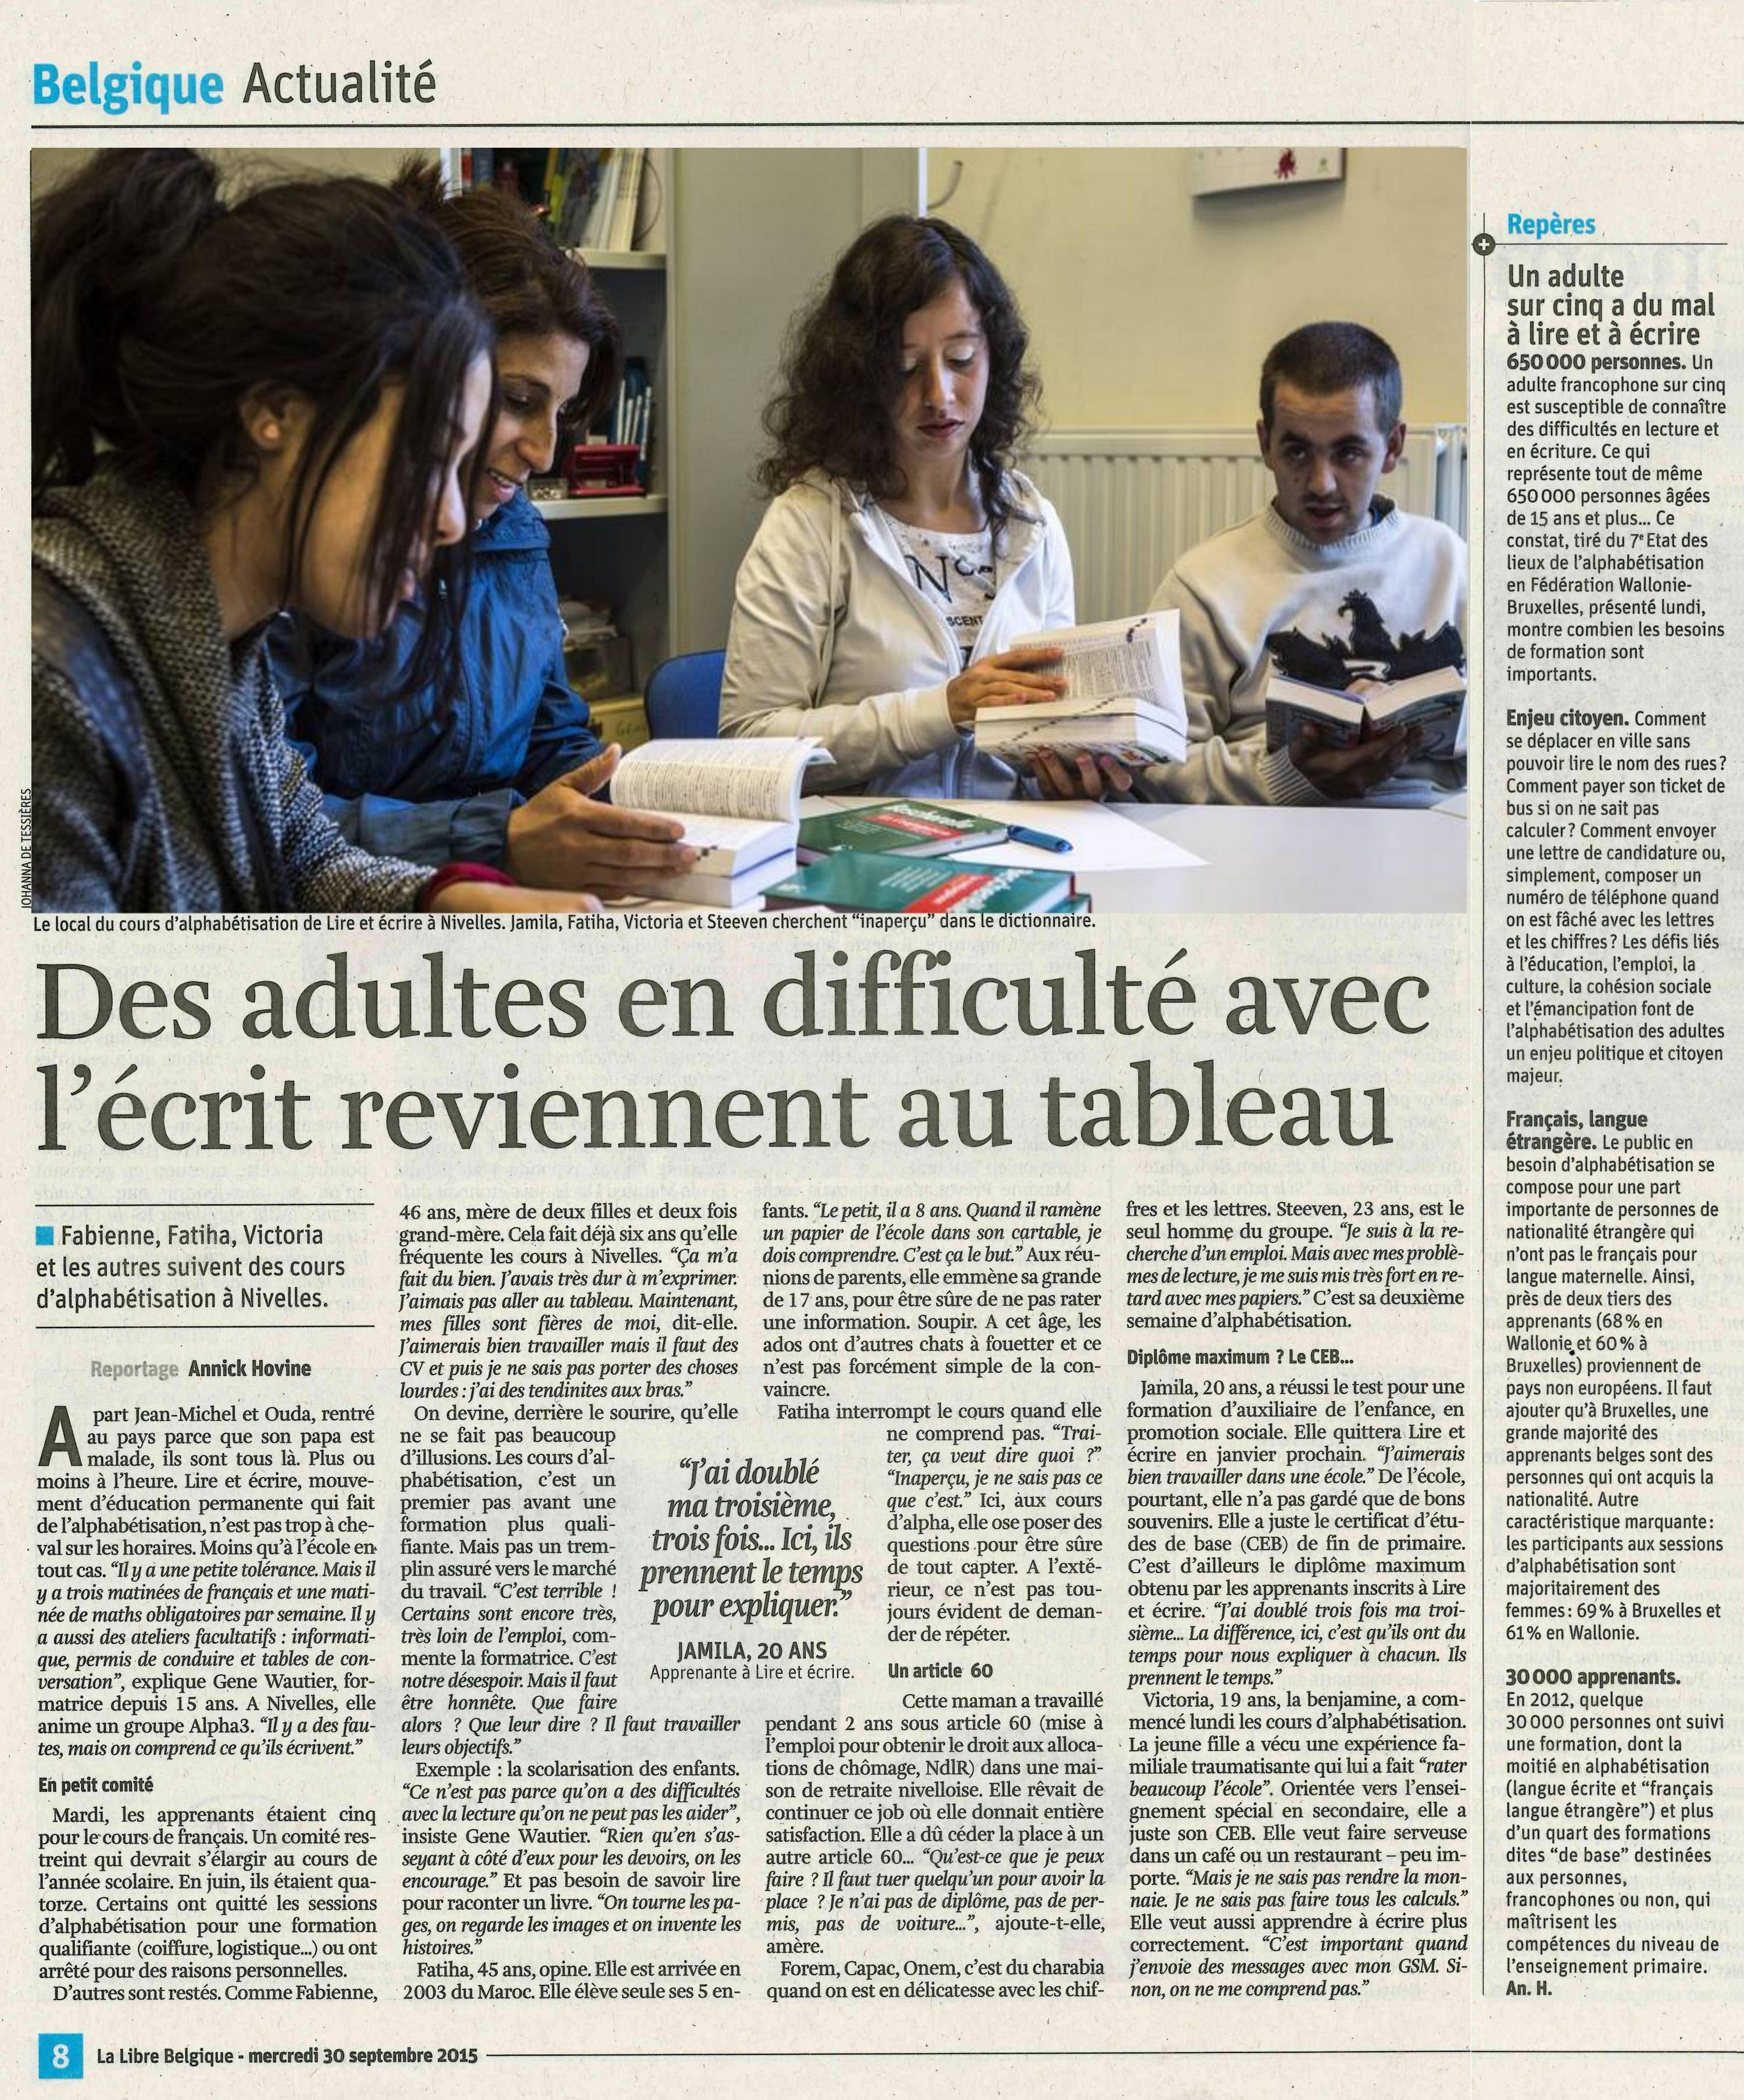 Formation en alternance pour adultes belgique